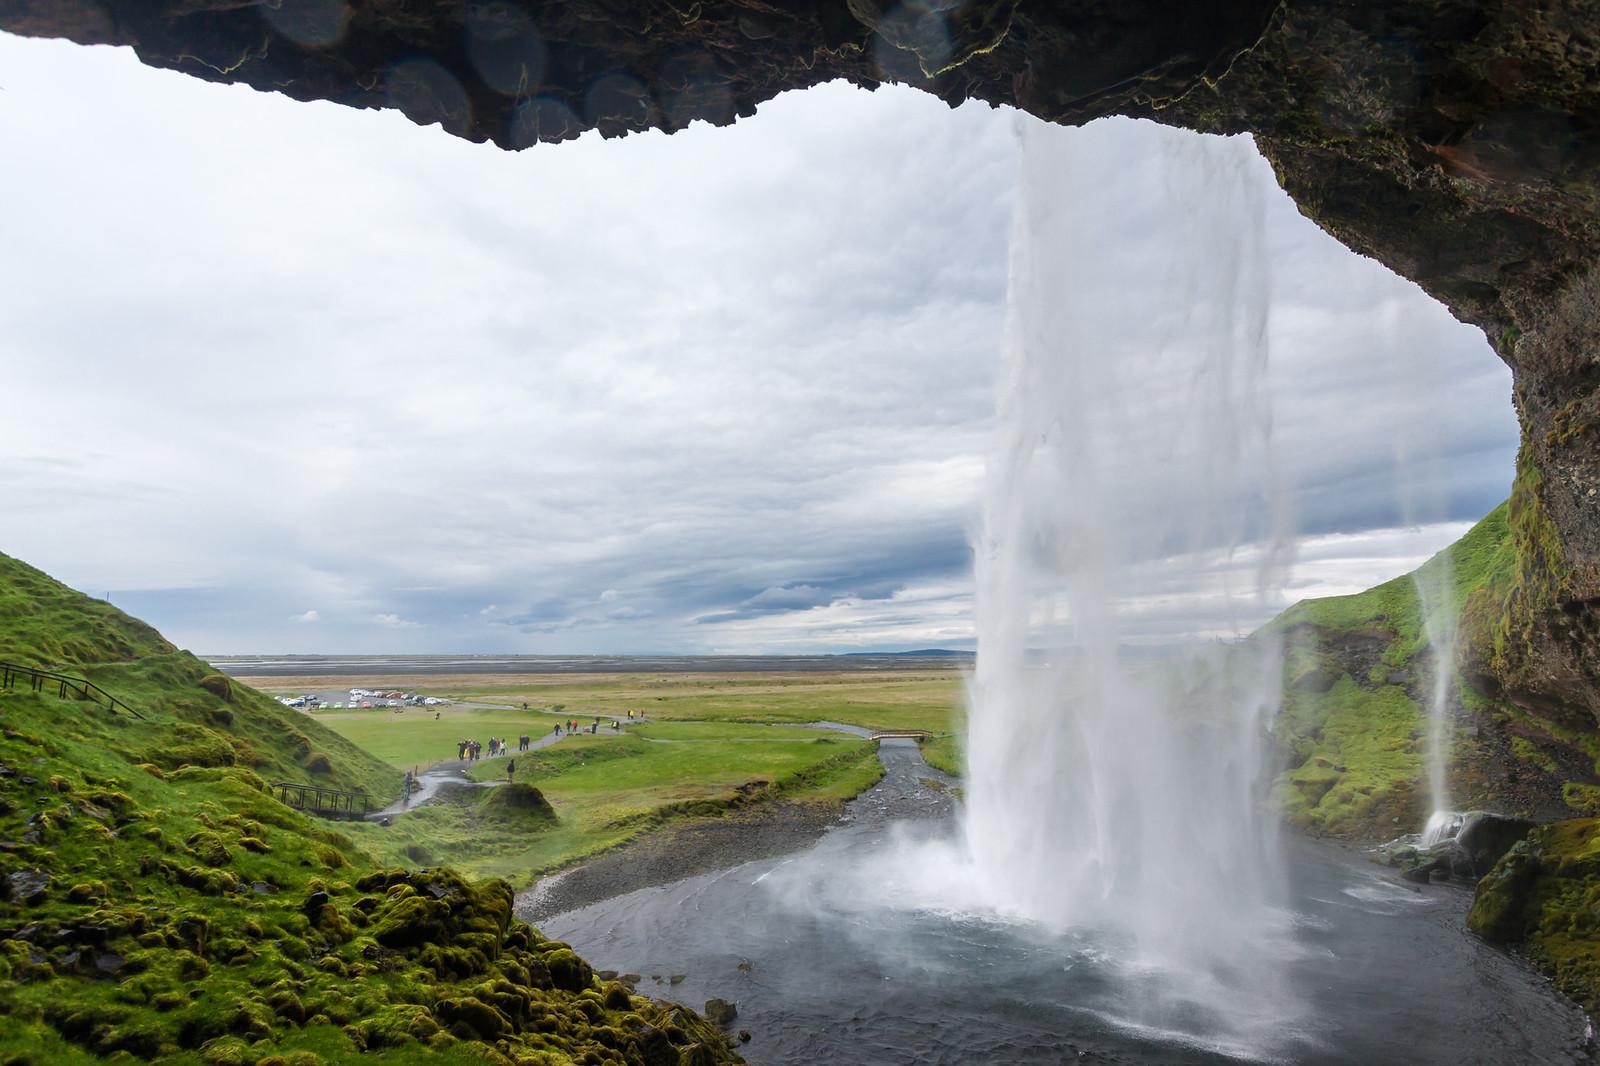 Ісландські нотатки. Частина 3: водоспад Сельяландсфосс та острів Хеймей